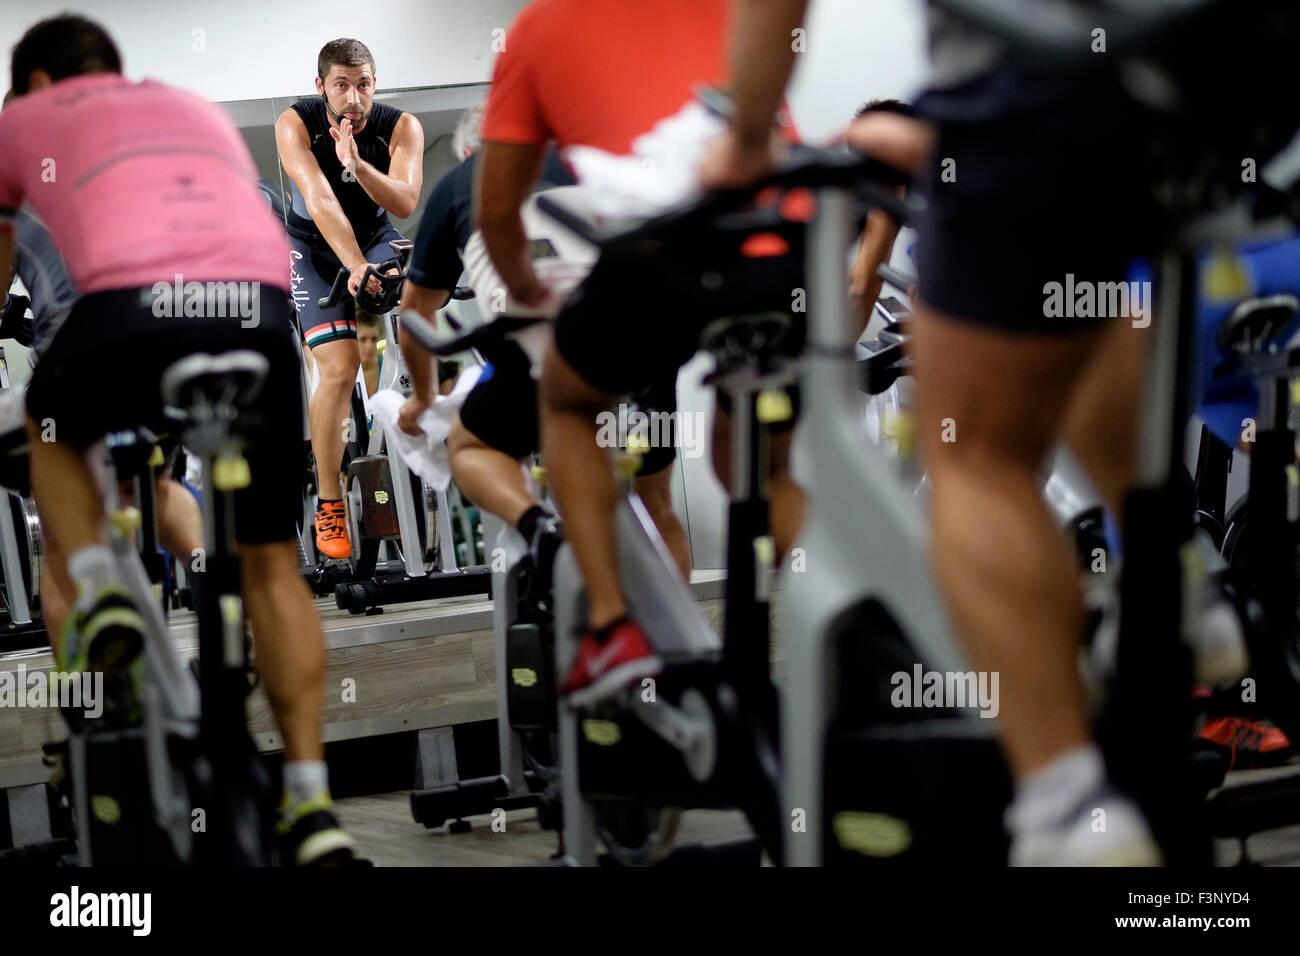 Istruttore di Fitness di fronte a persone di equitazione bicicletta stazionaria durante una lezione di spinning Foto Stock